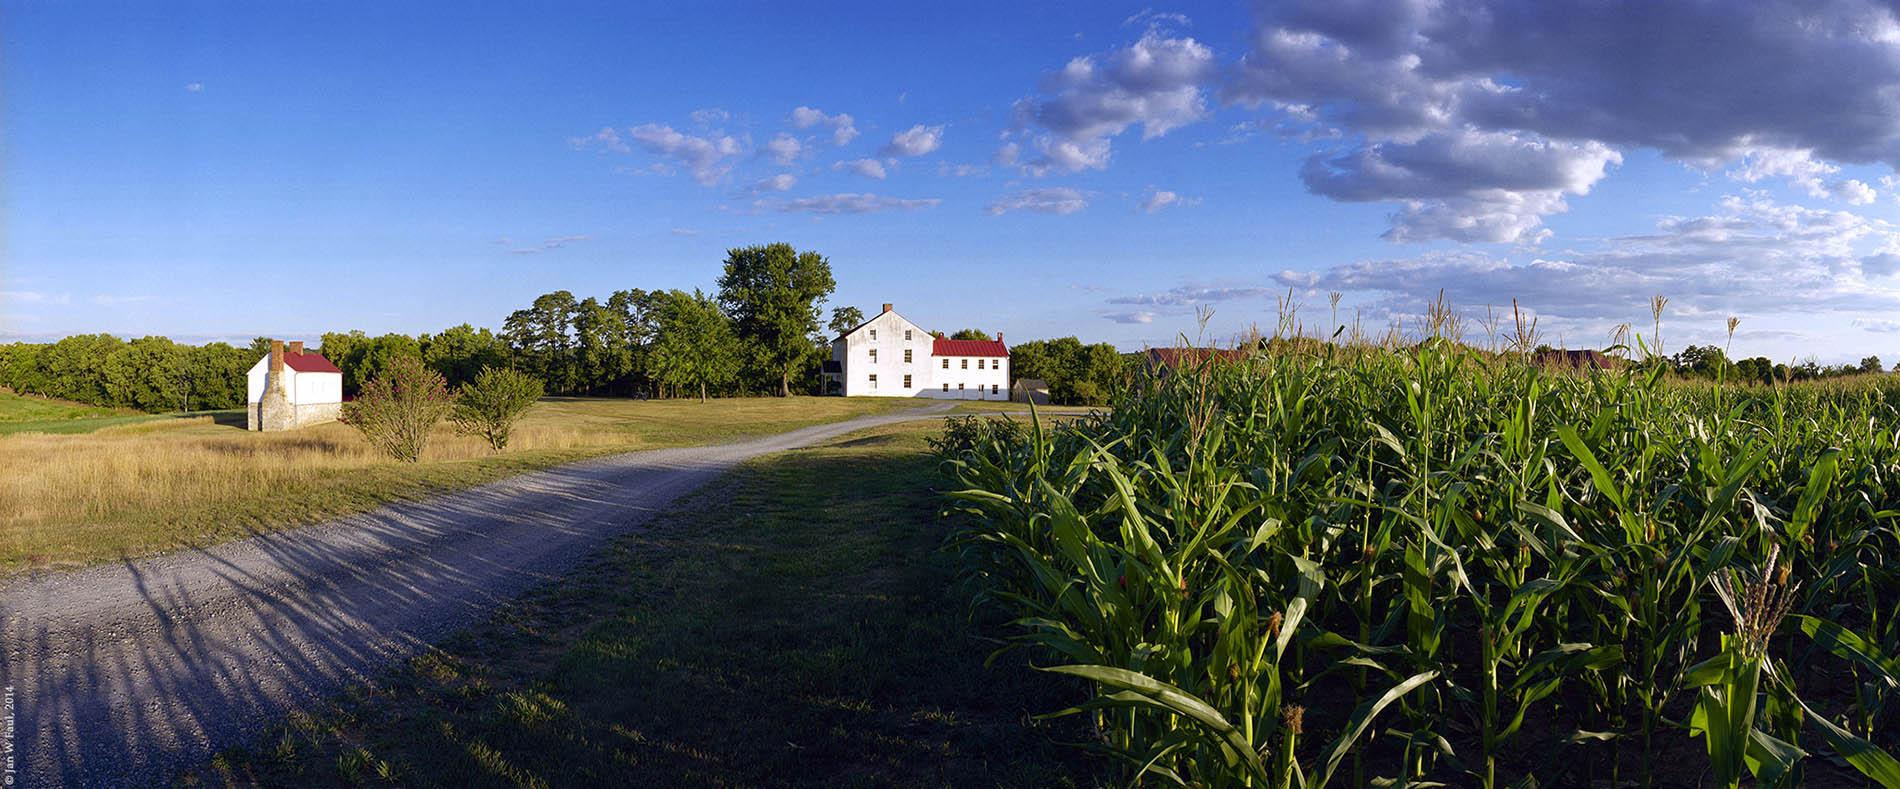 Best Farm, Monocacy Battlefield